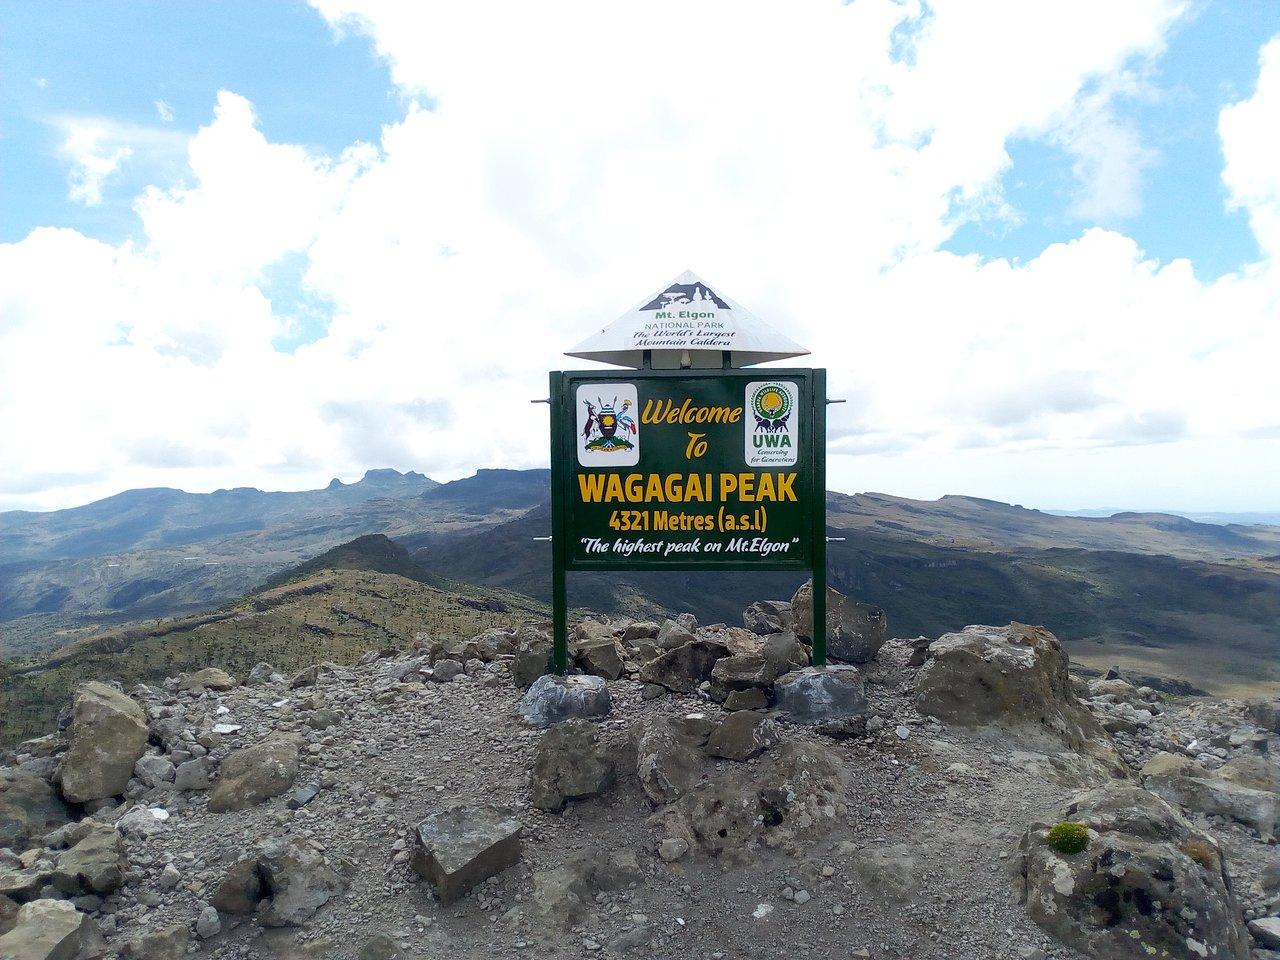 Wagagai Peak - Mount Elgon N.P